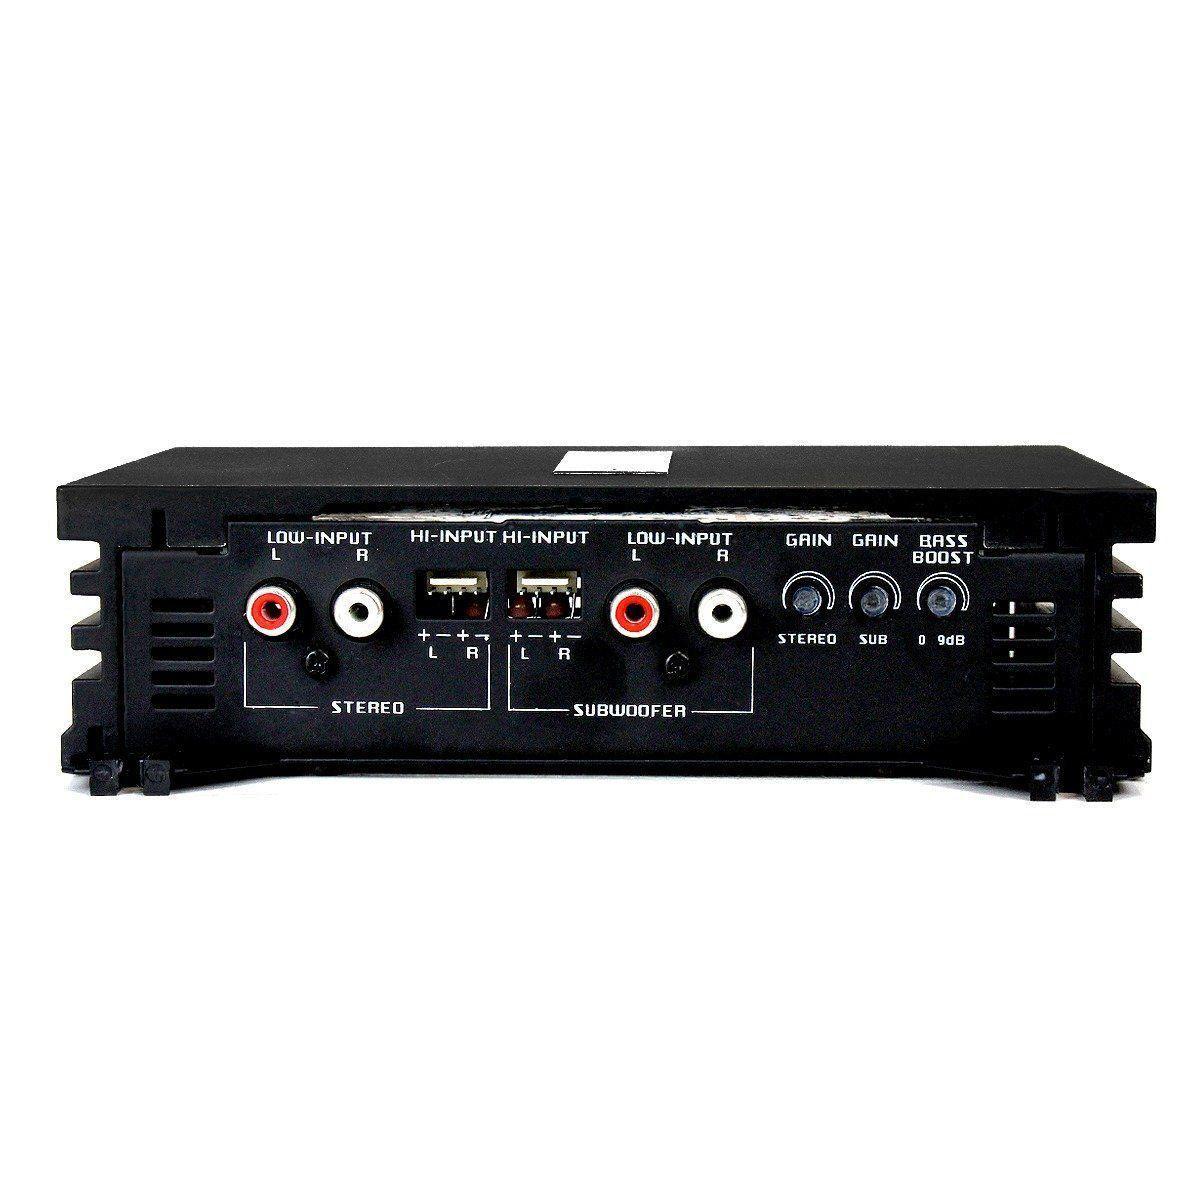 Modulo Amplificador Falcon Hs 960 Dx 4 Canais 460 Wats Rms Mono e Stereo